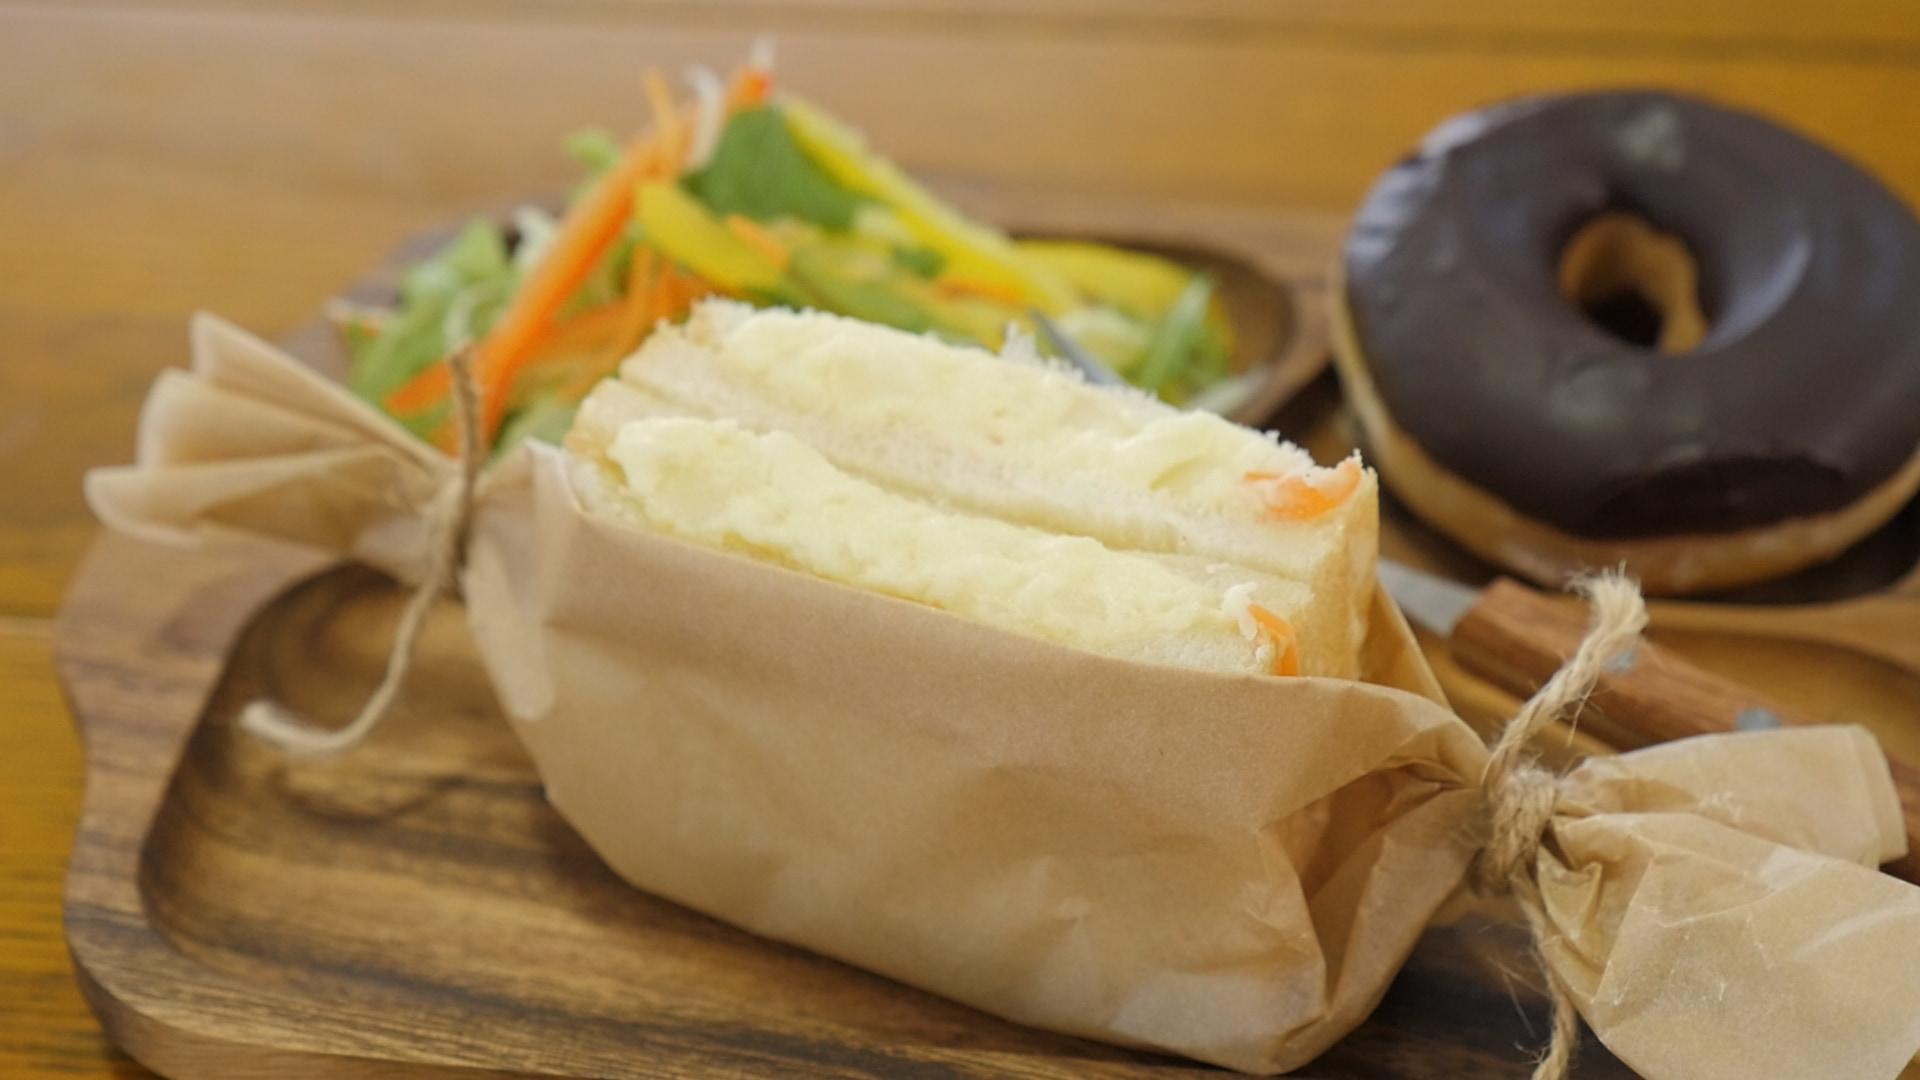 カフェ風サンドイッチのオシャレな包み方2選